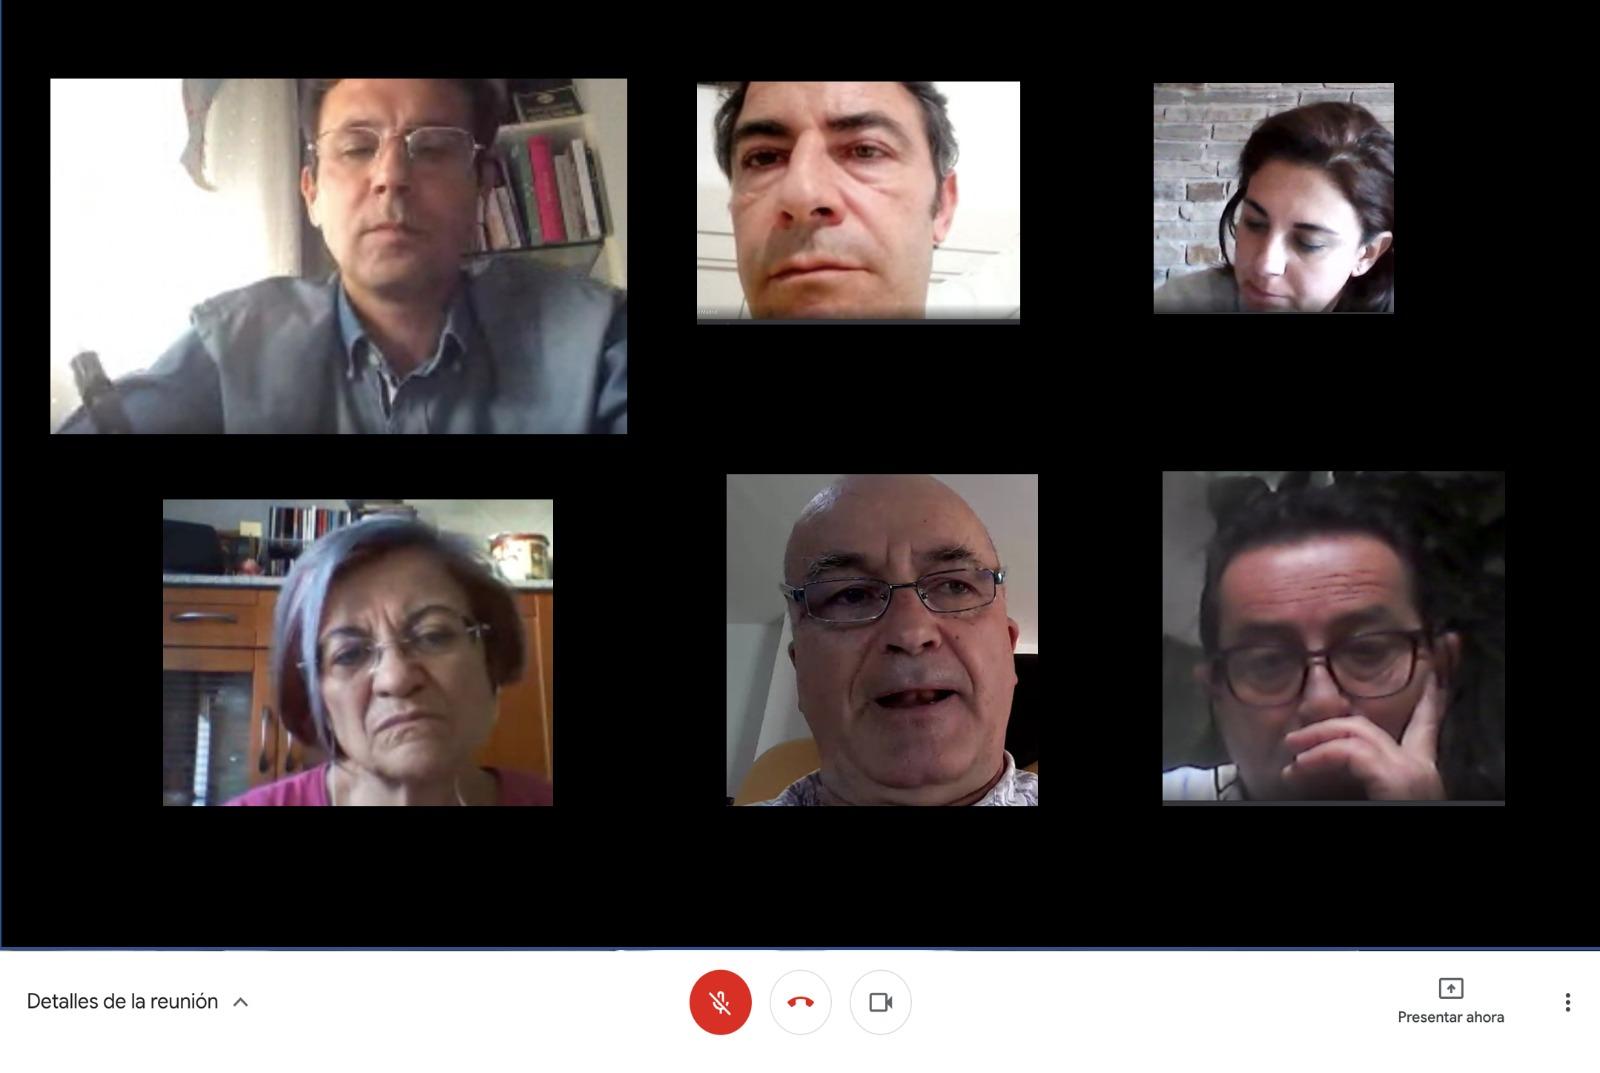 Colectivos ecologistas y el PSOE plantean un proyecto piloto de movilidad sostenible en el PTS